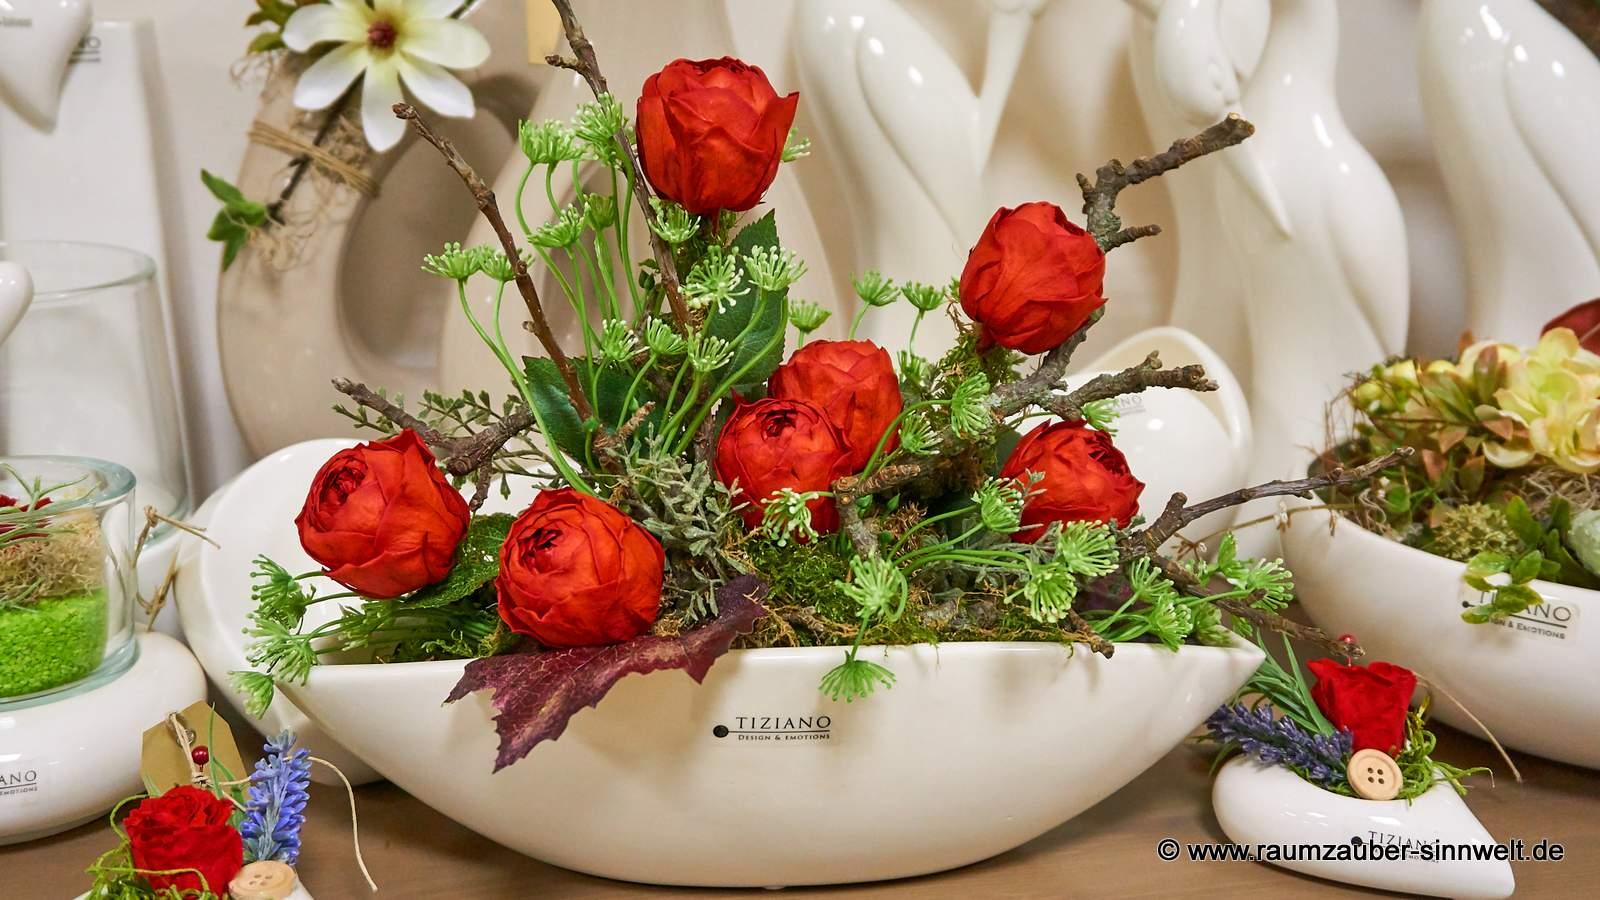 Bouquet aus gefriergetrockneten Ranunkel-Rosen in TIZIANO-Keramik